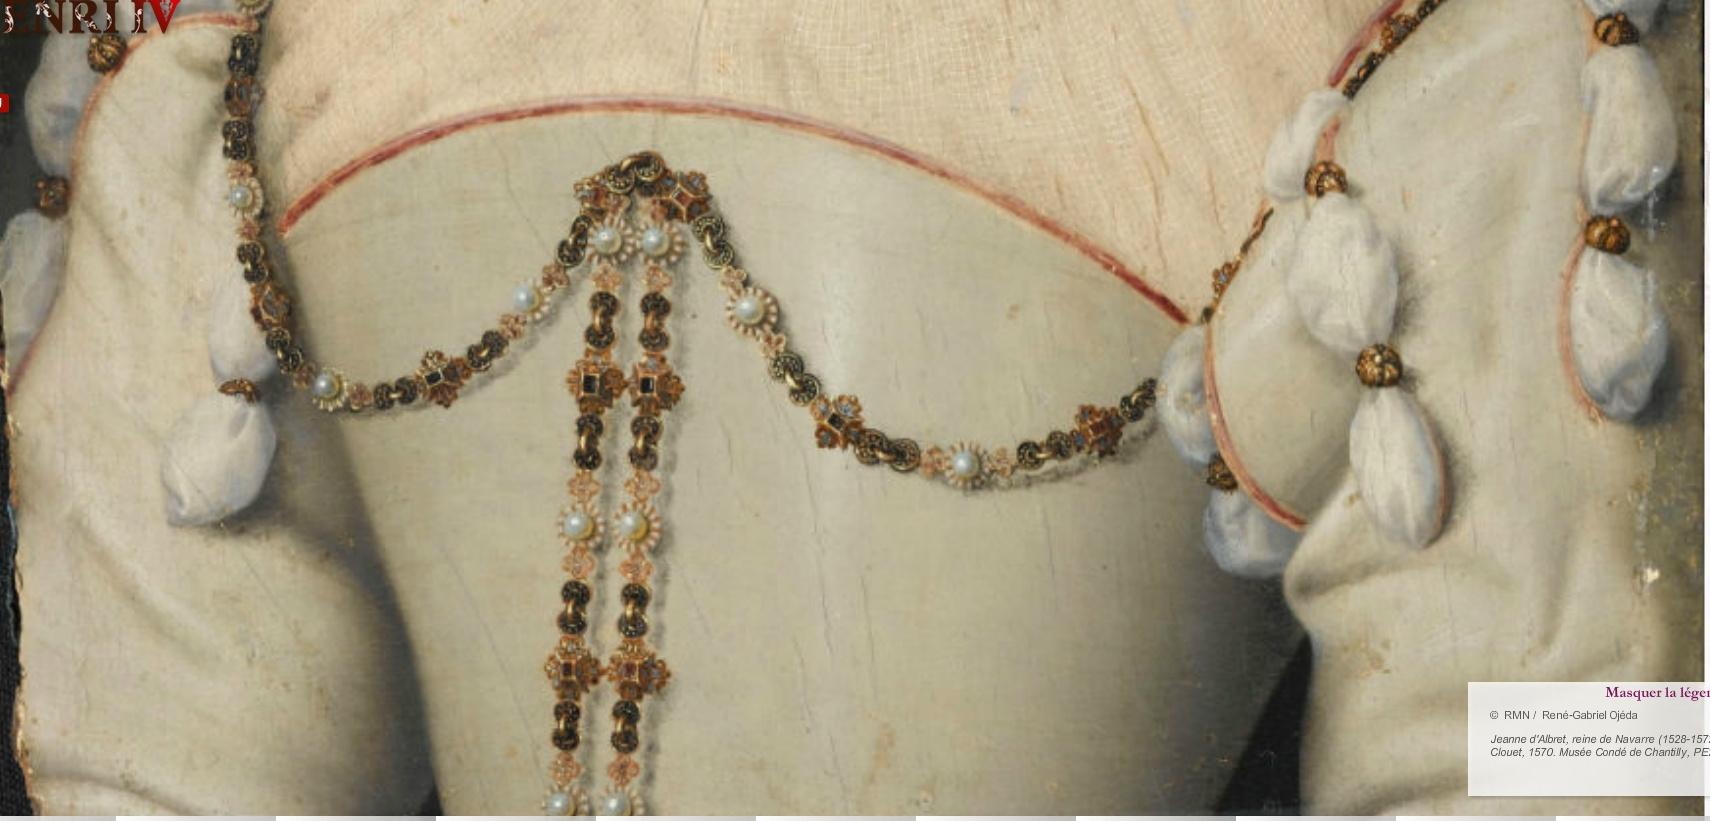 1570 - Jeanne d'Albret - by Francois Clouet